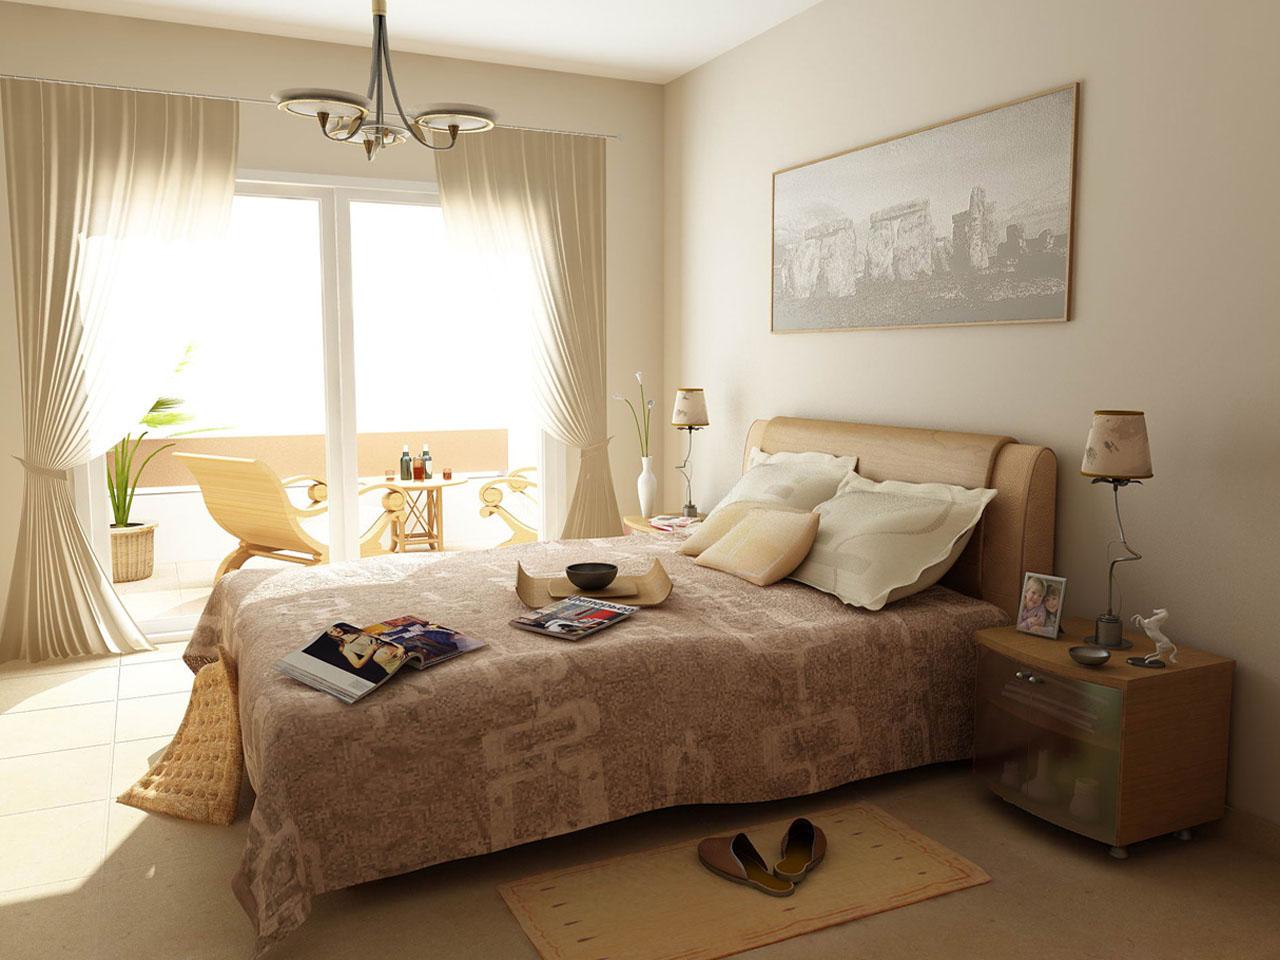 Qu Colores Elegir A La Hora De Pintar El Dormitorio Infocasas ~ Decoracion Dormitorios Matrimoniales